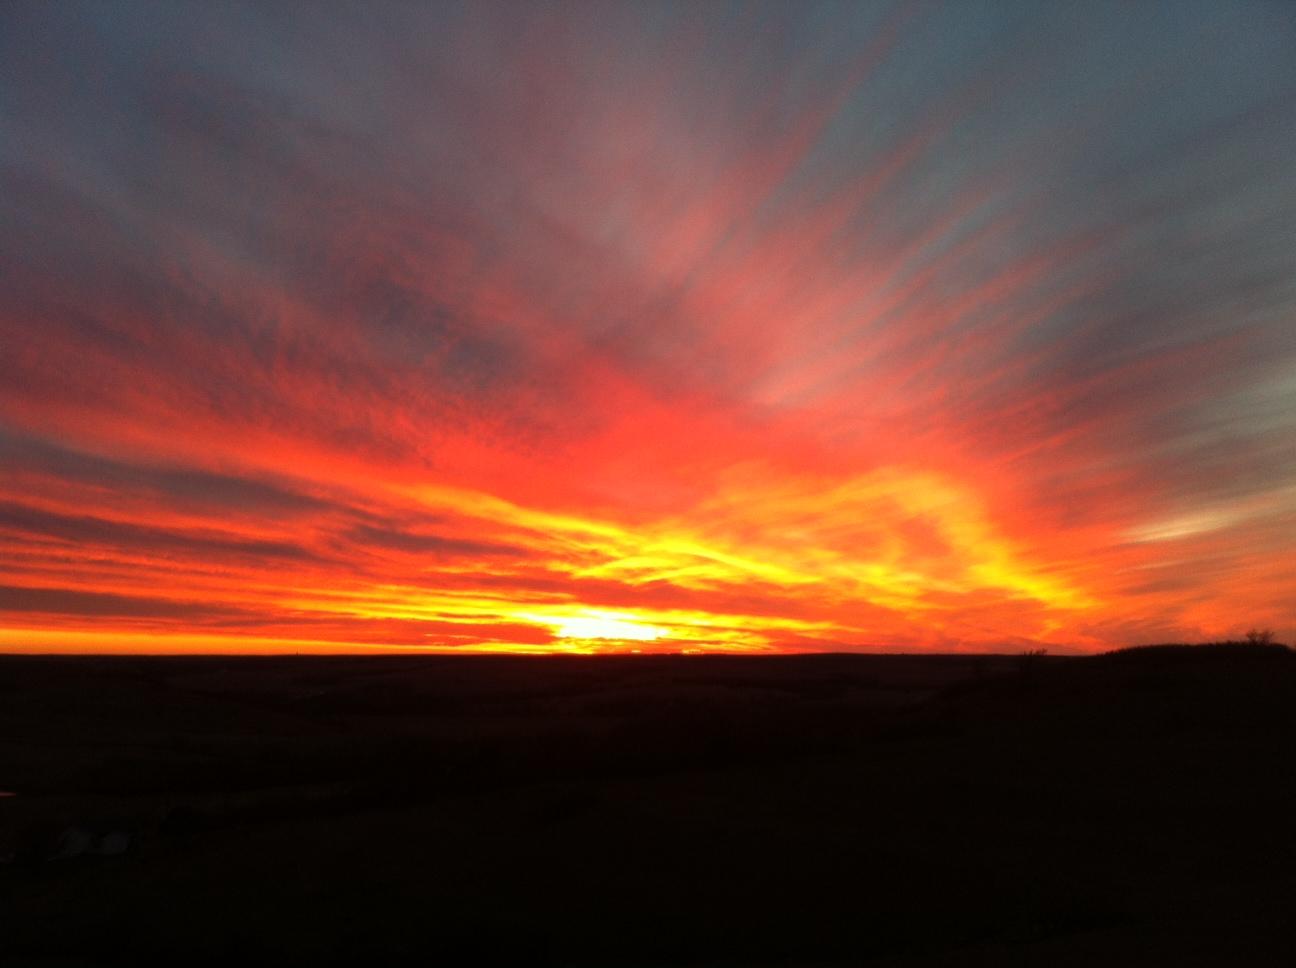 Kansas Sunset Spin Art with Kansas Wine at Bacchus Ranch